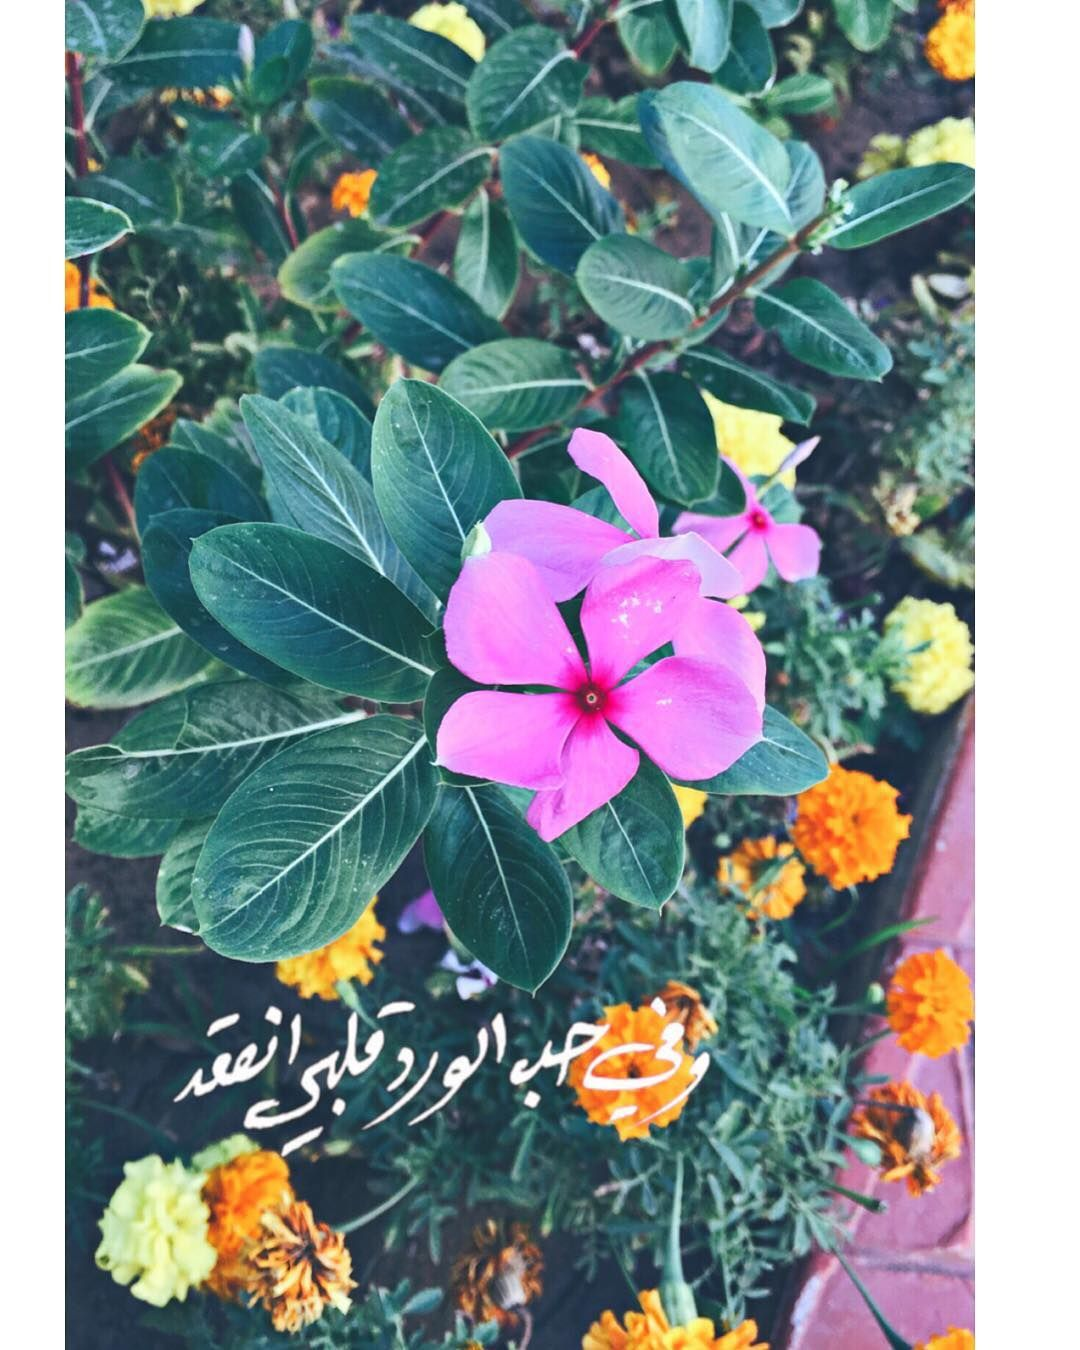 وفي حب الورد قلبي انعقد لقطة Flowers Pictures Cicek وفي حب الورد قلبي انعقد لقطة Flowers Pictures Cicek Plant Leaves Flowers Plants